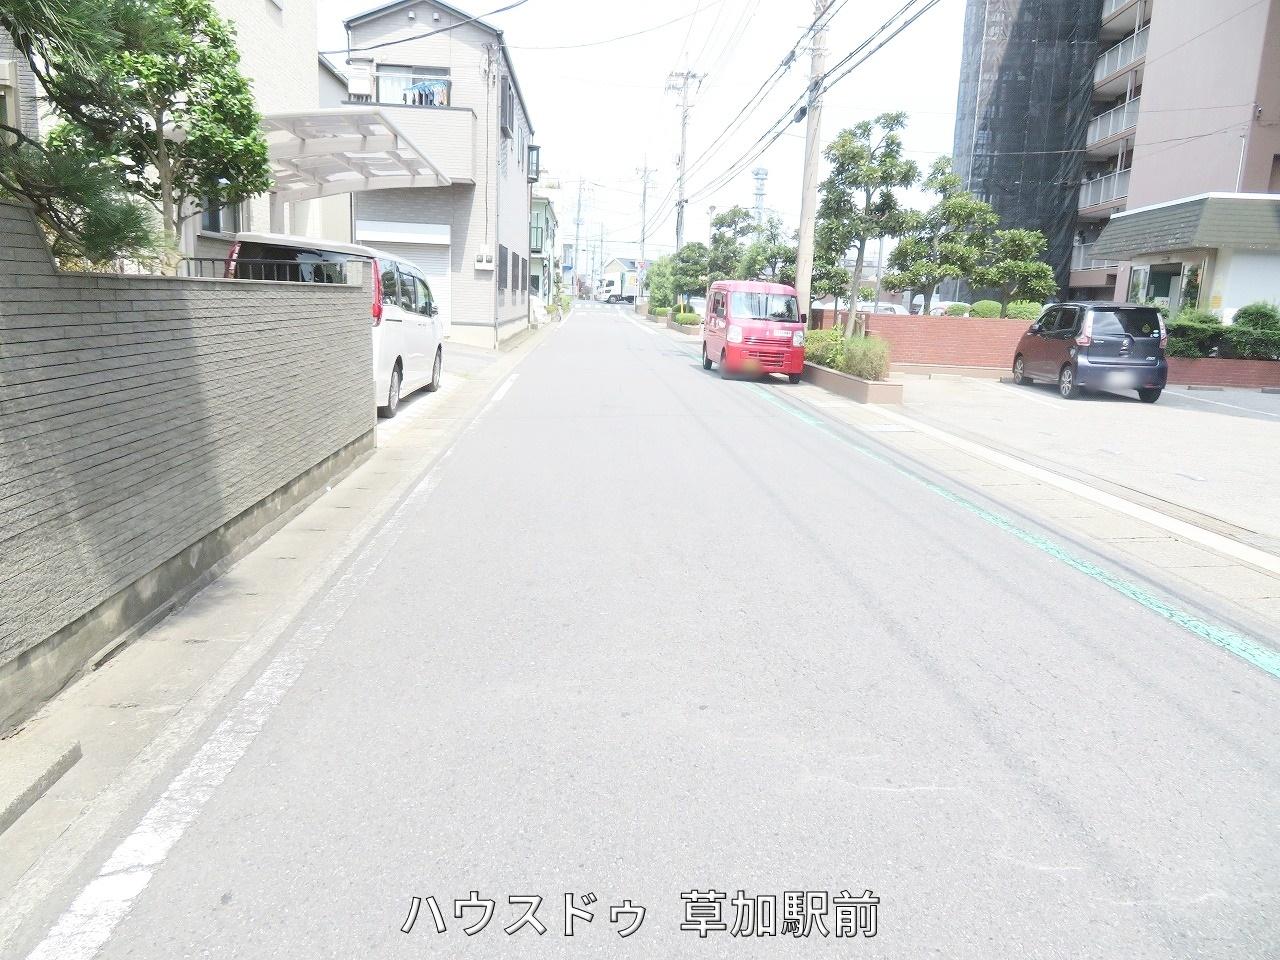 マンション前の前面道路です!